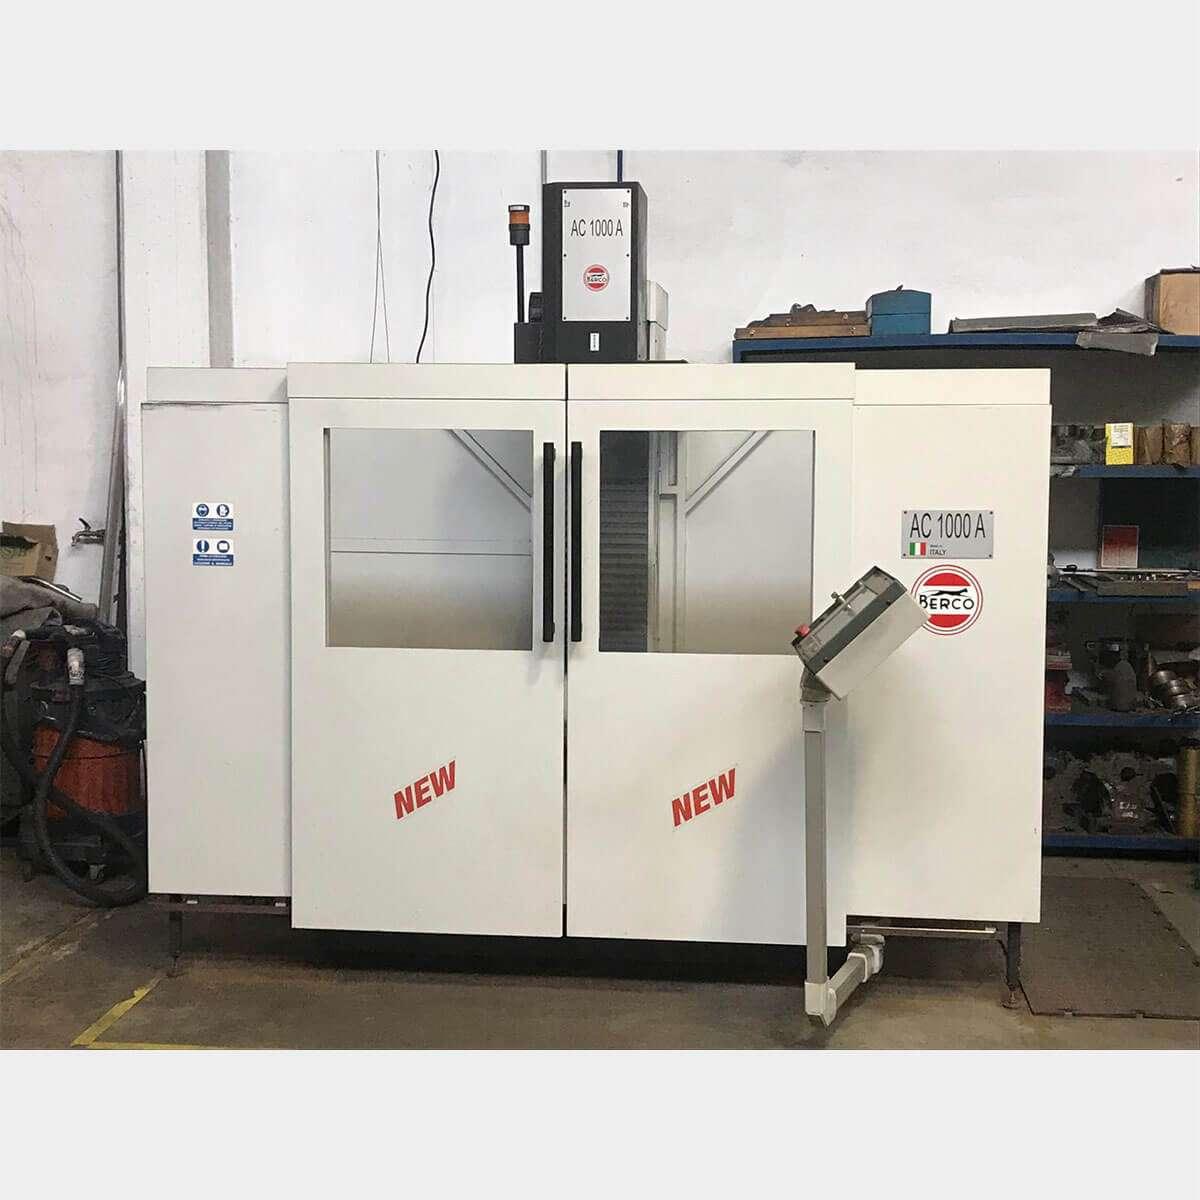 mu352 berco ac 1000 a cylinder boring machine